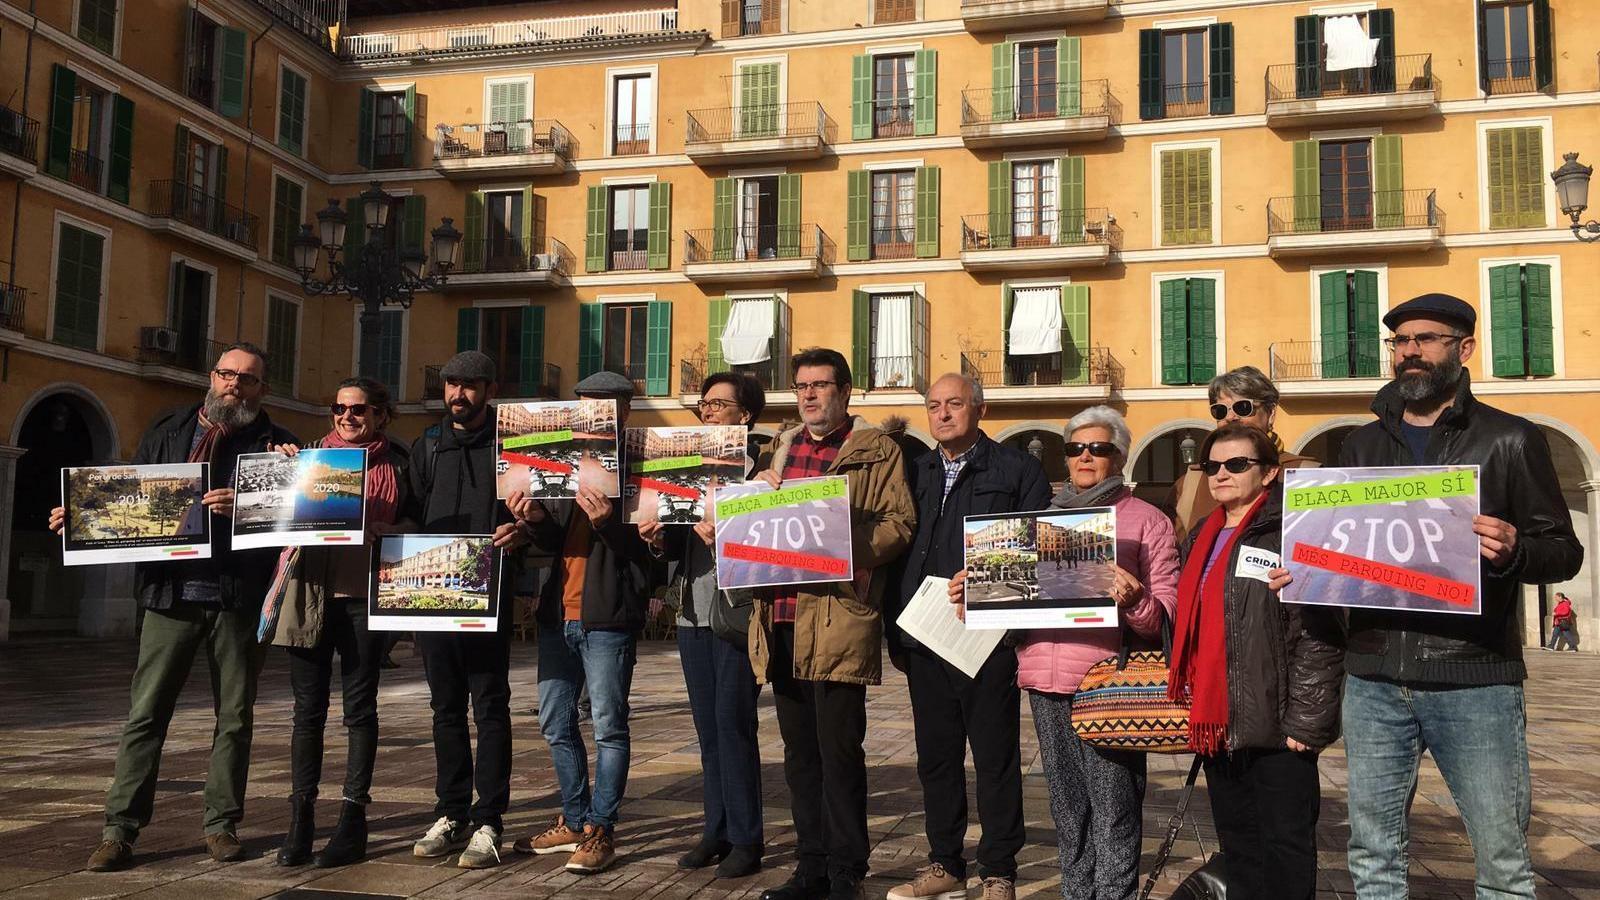 Una cinquantena d'entitats ciutadanes reclamen a Cort una alternativa a fer un nou aparcament a la plaça Major